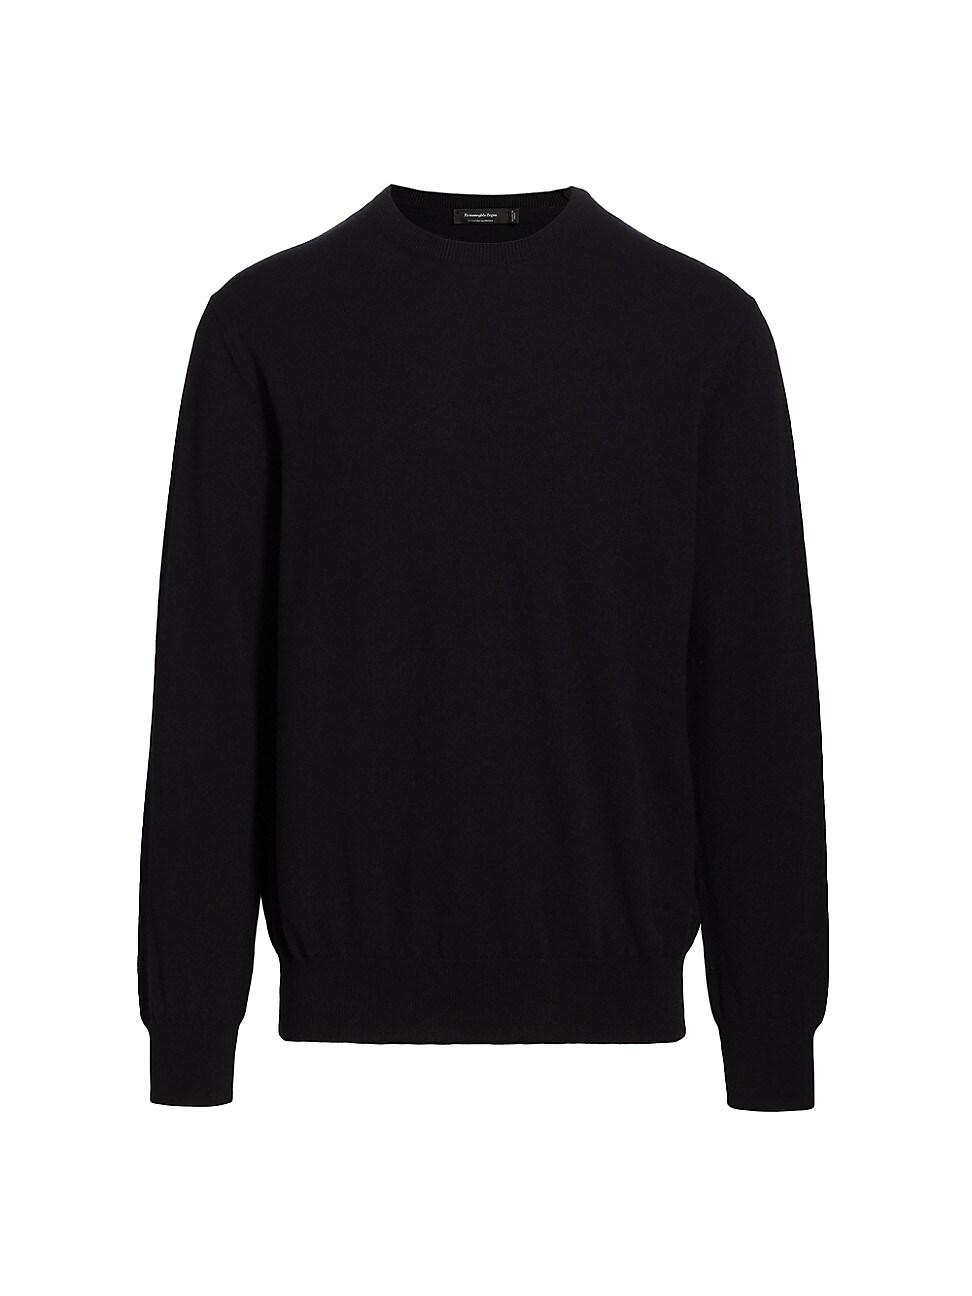 Ermenegildo Zegna Cashmere Crewneck Sweater In Black